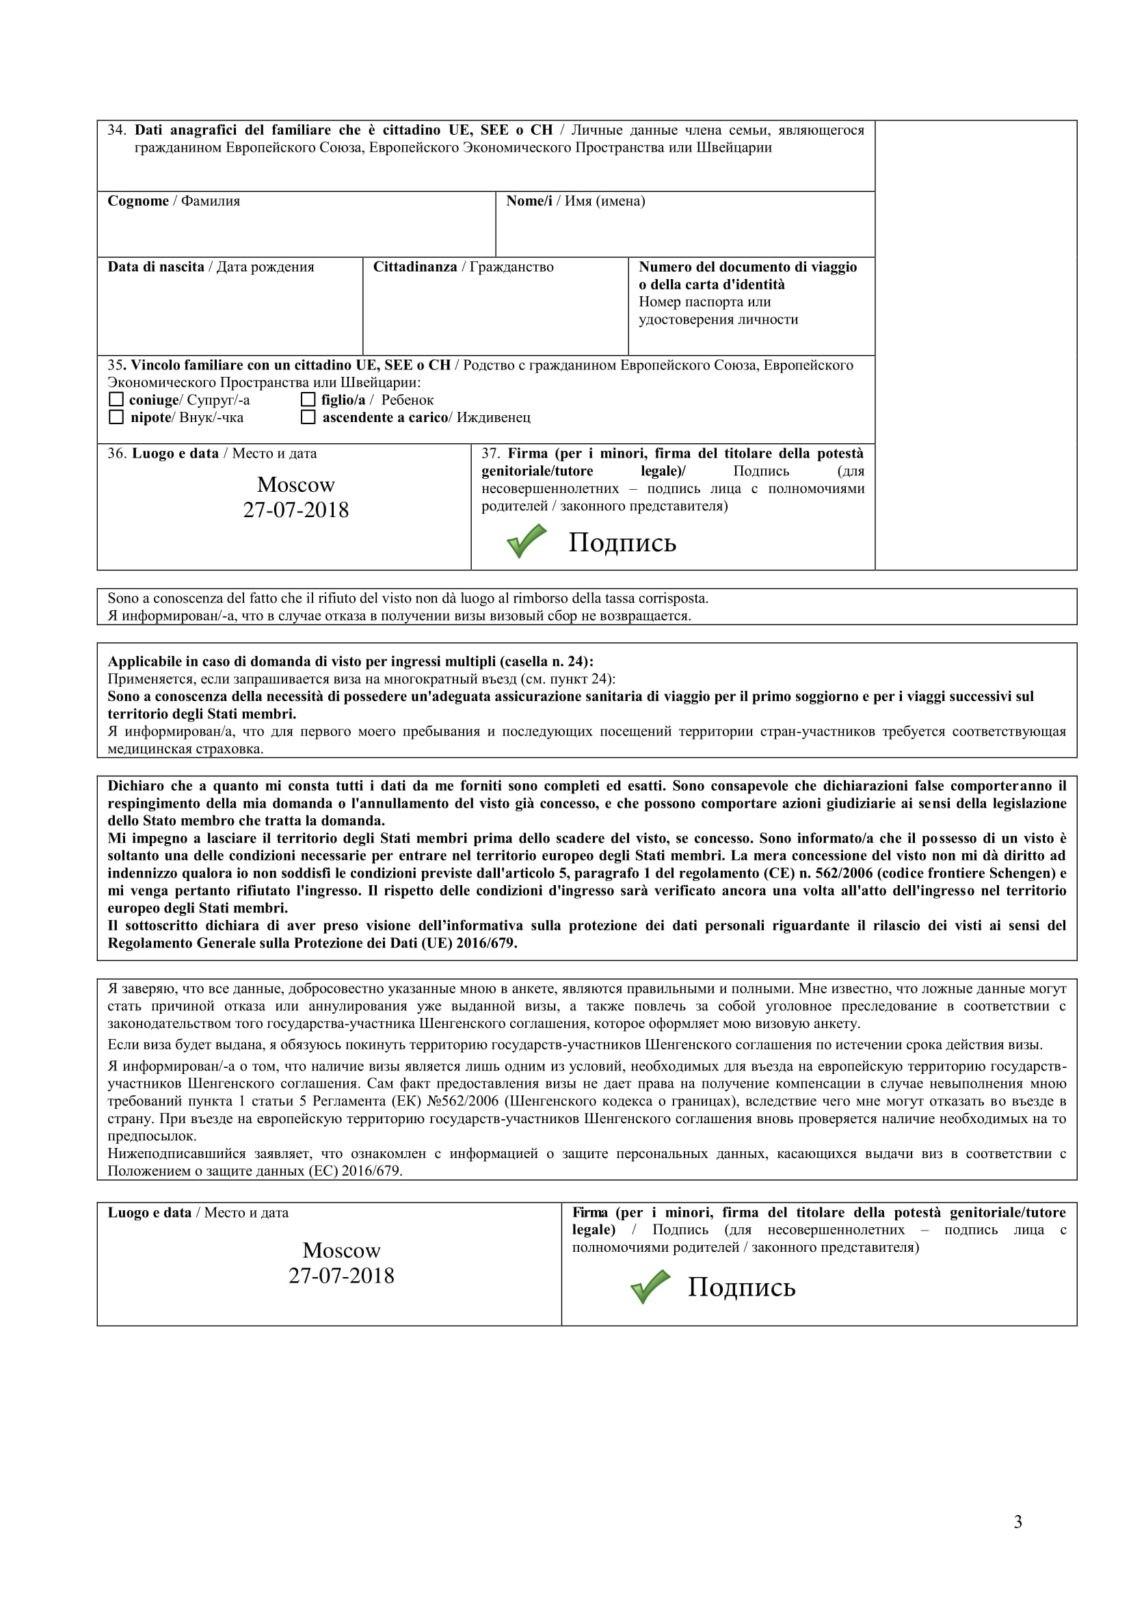 образец анкеты на визу в италию 3